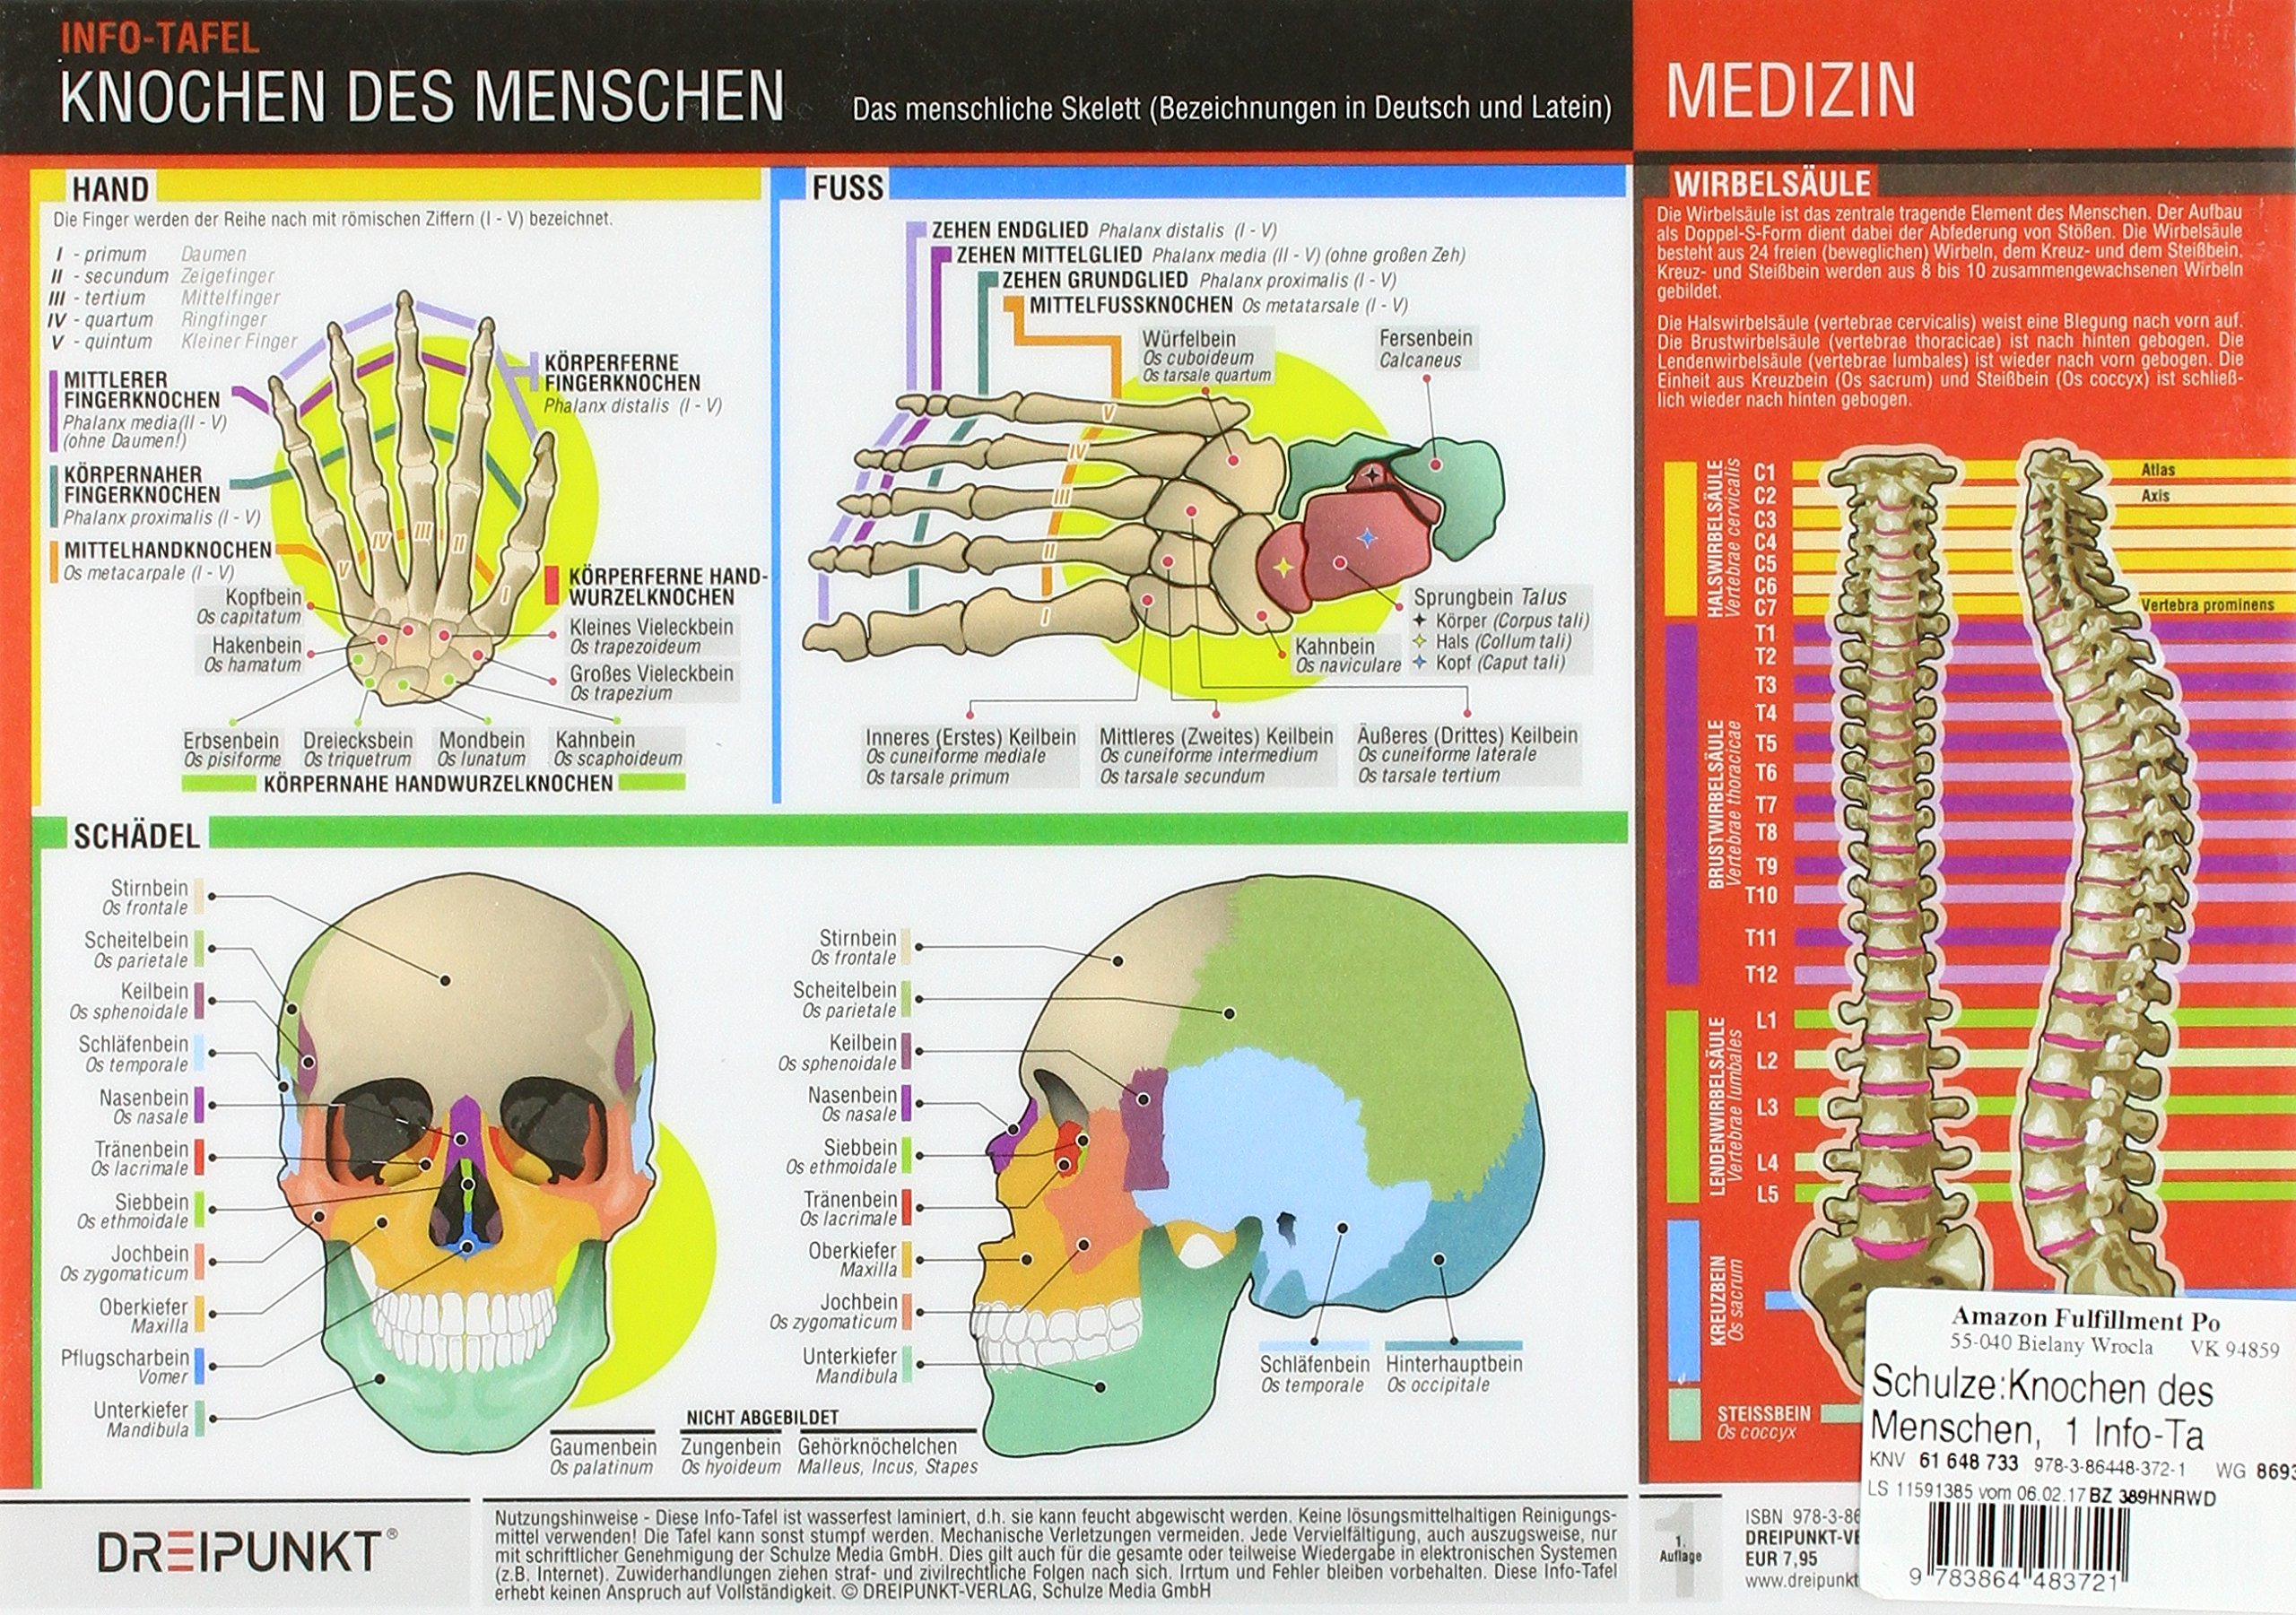 Knochen des Menschen: Die Knochen des menschlichen Skeletts mit ...